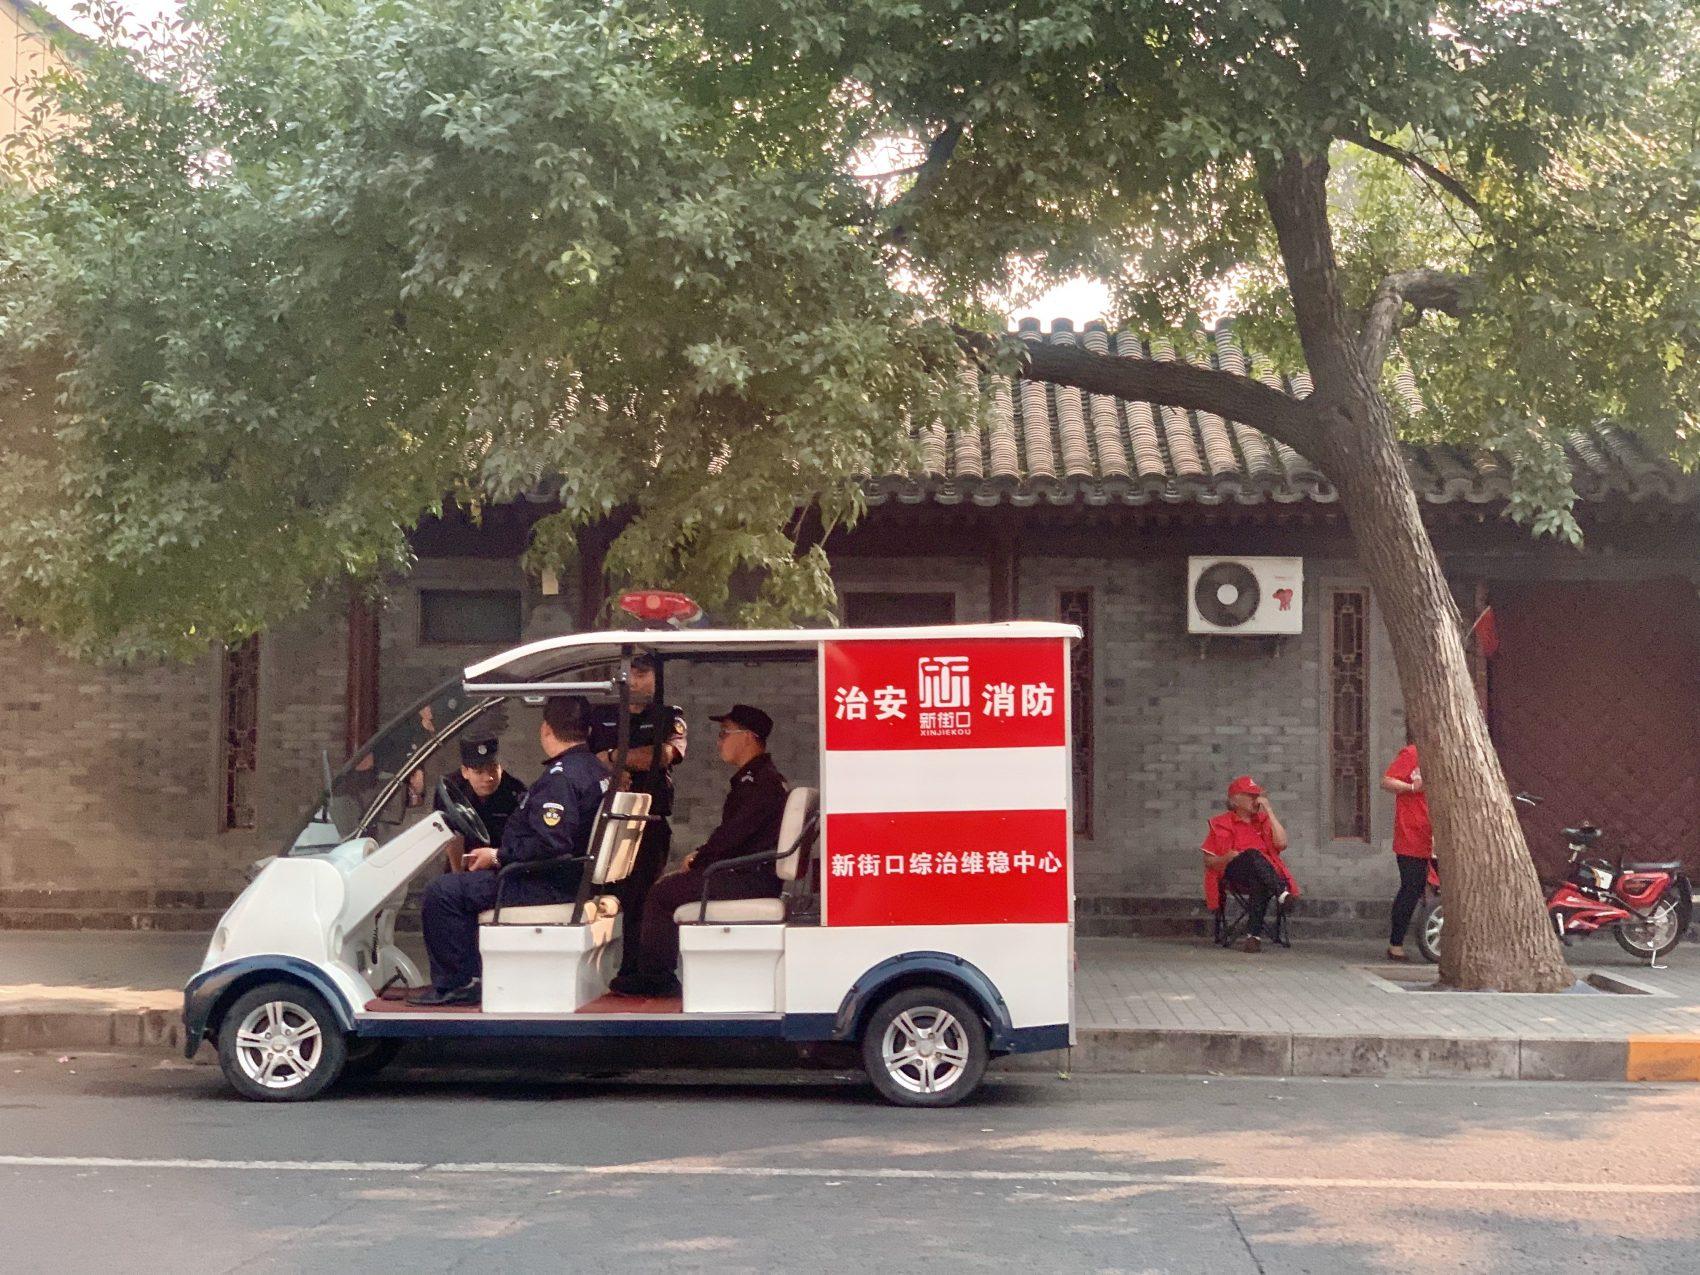 Mobilidade urbana faz parte do investimento chinês em ecologia. A cidade chinesa de Shenzhen, com cerca de 13 milhões de habitantes, foi a primeira no mundo a implantar frota de ônibus 100% elétrica